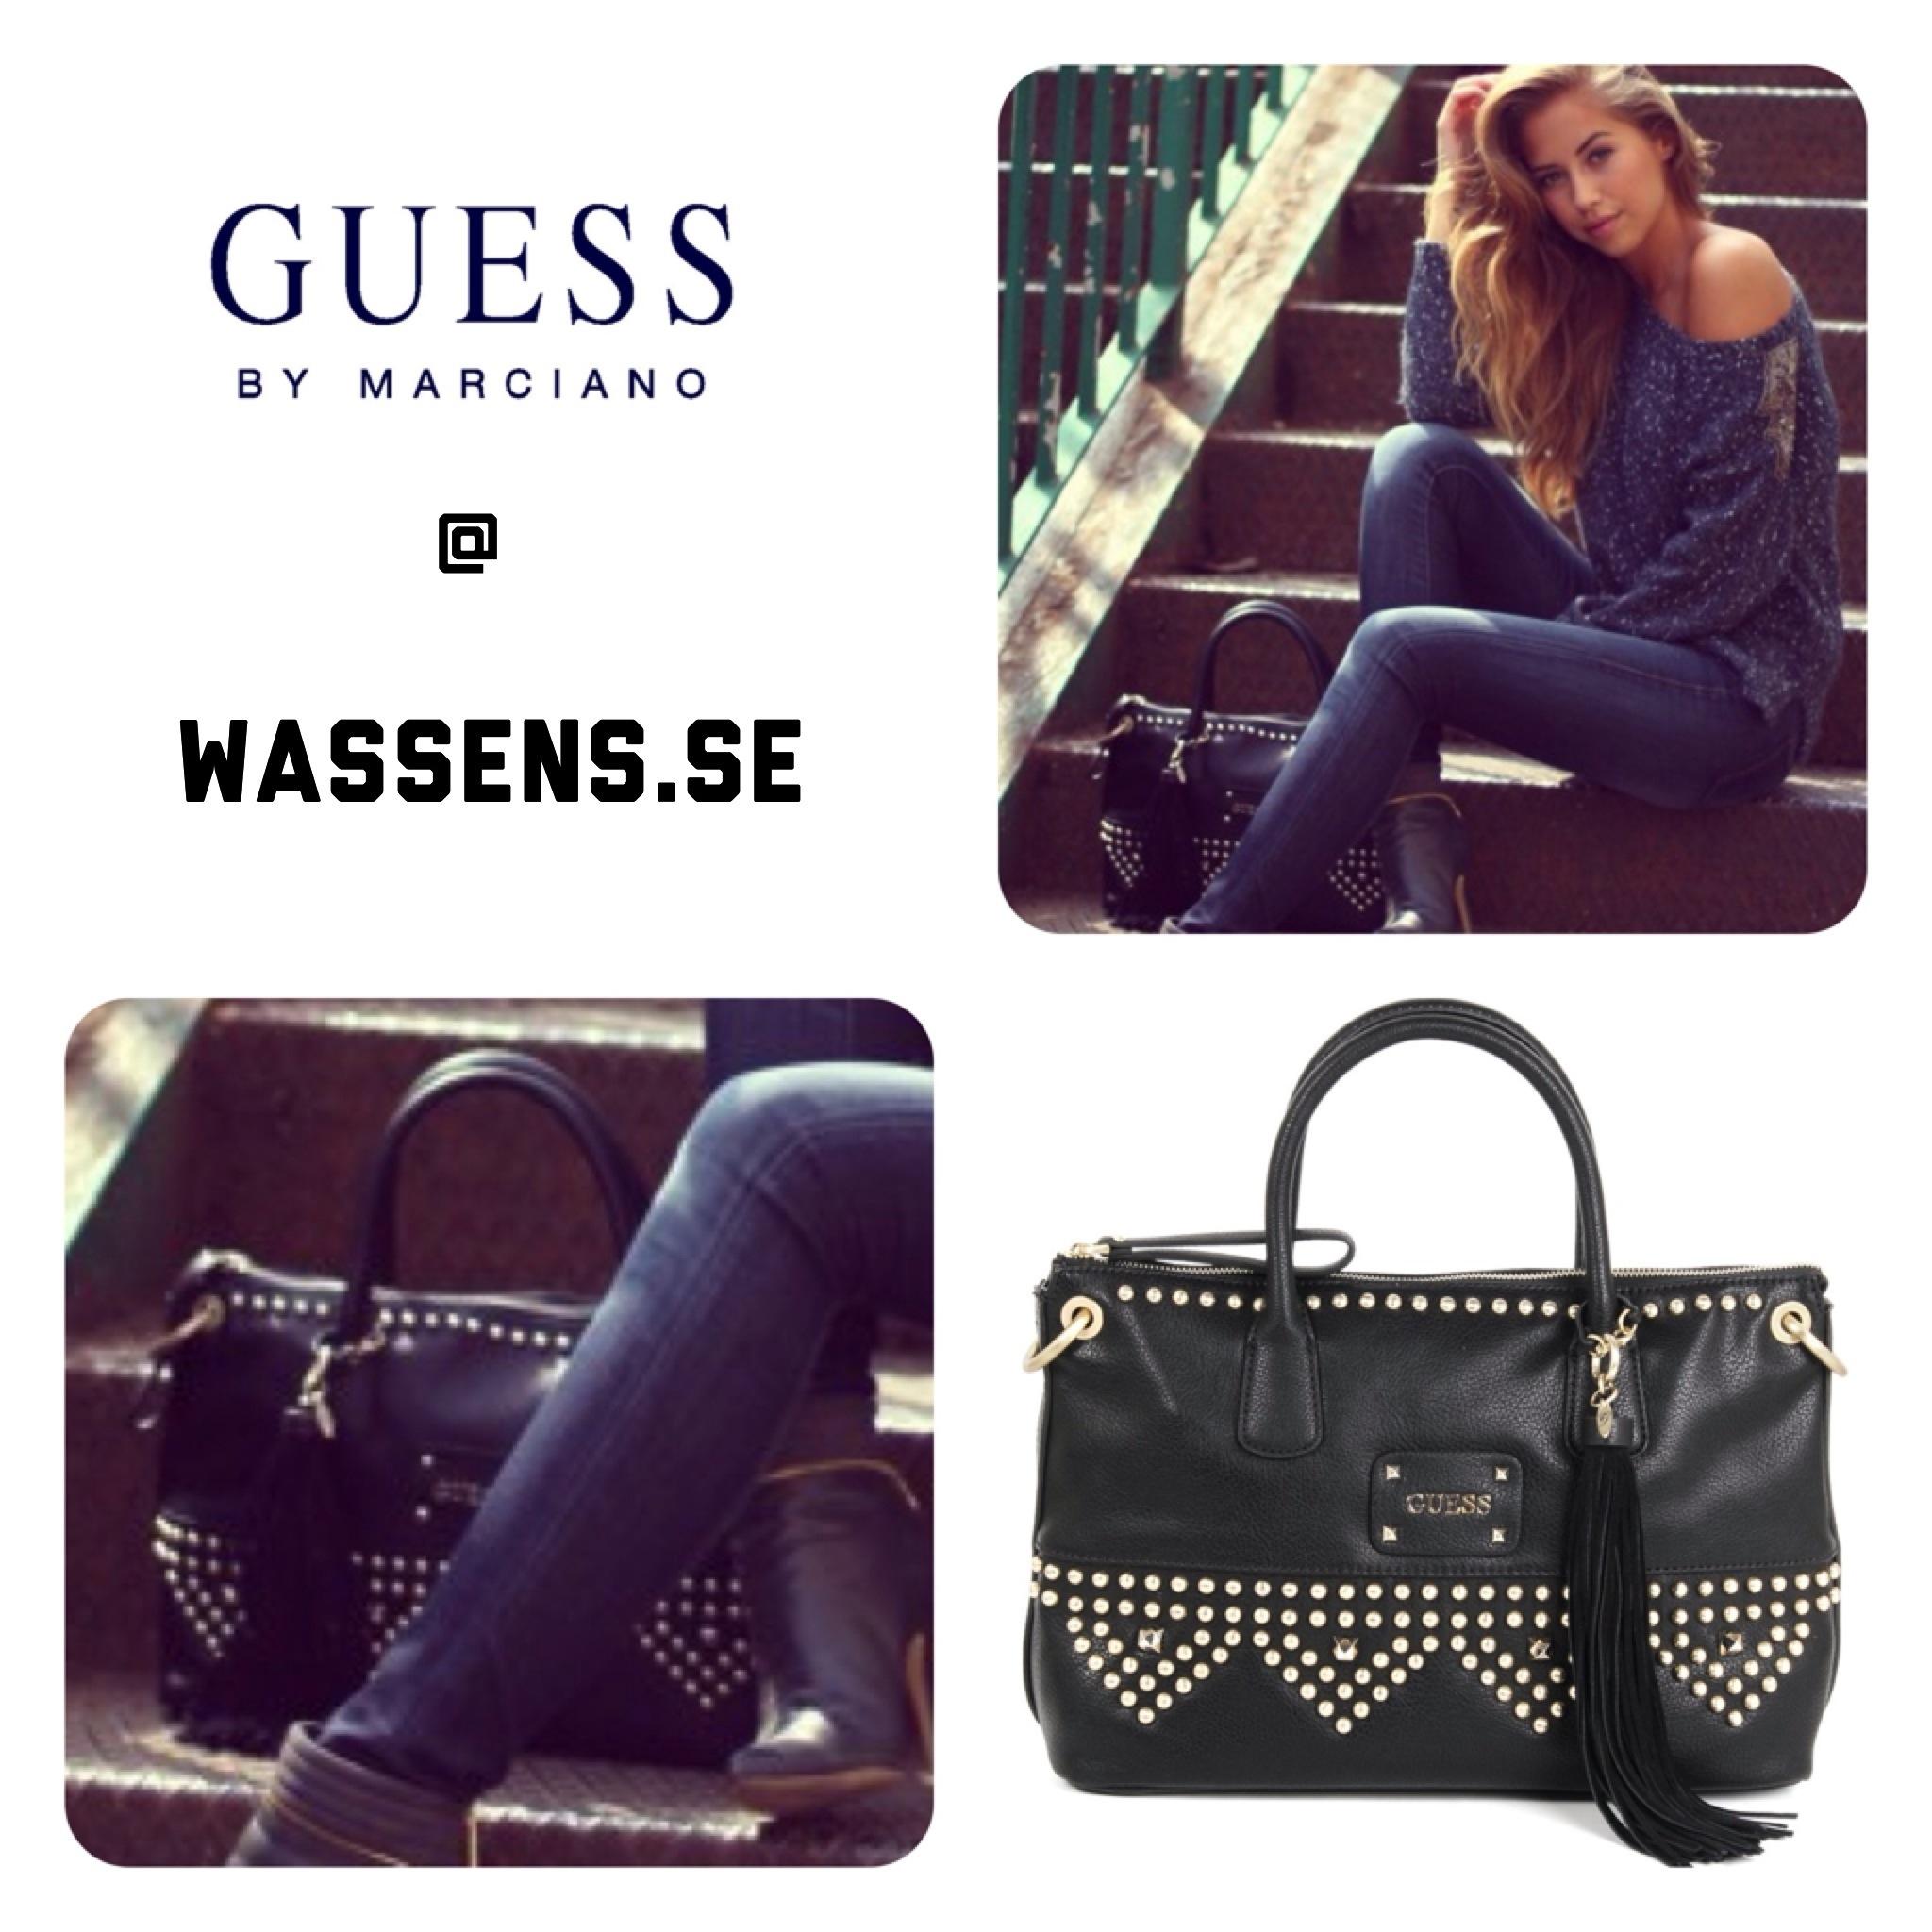 Guess Väskor Wassens : Kenza och guess